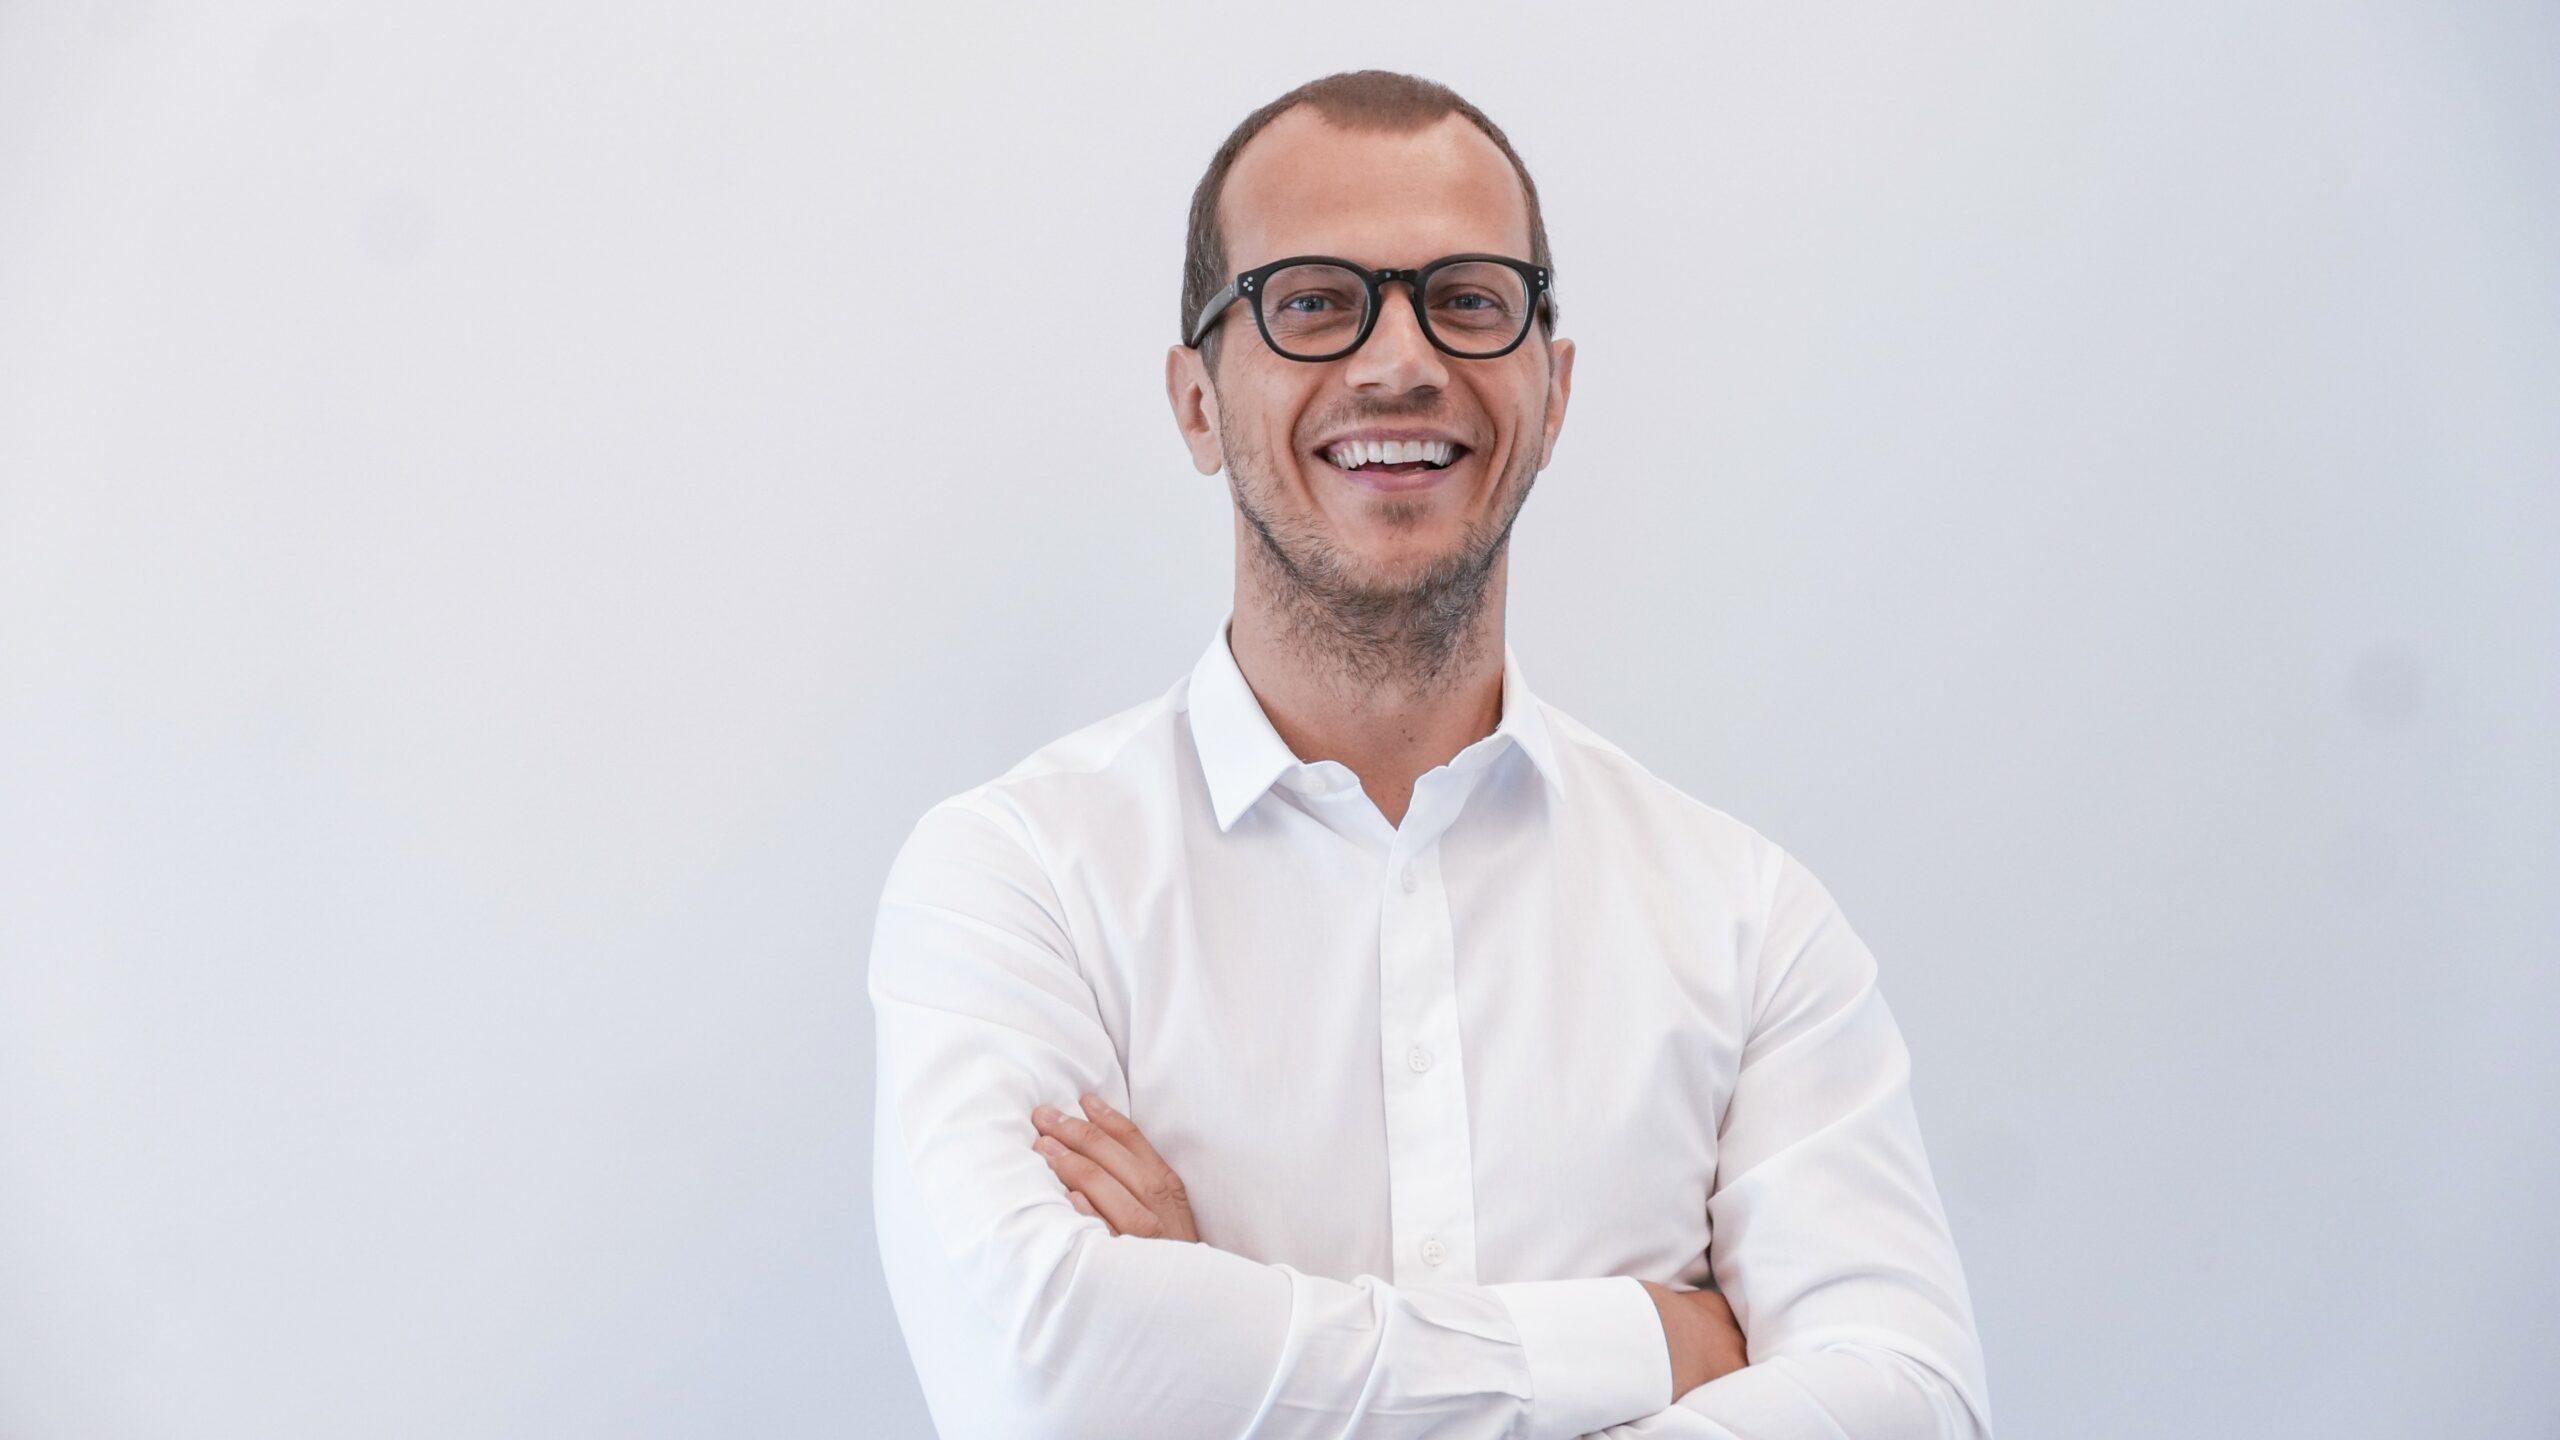 Changers, la community per allenare le soft skill: intervista ad Alessandro Rimassa